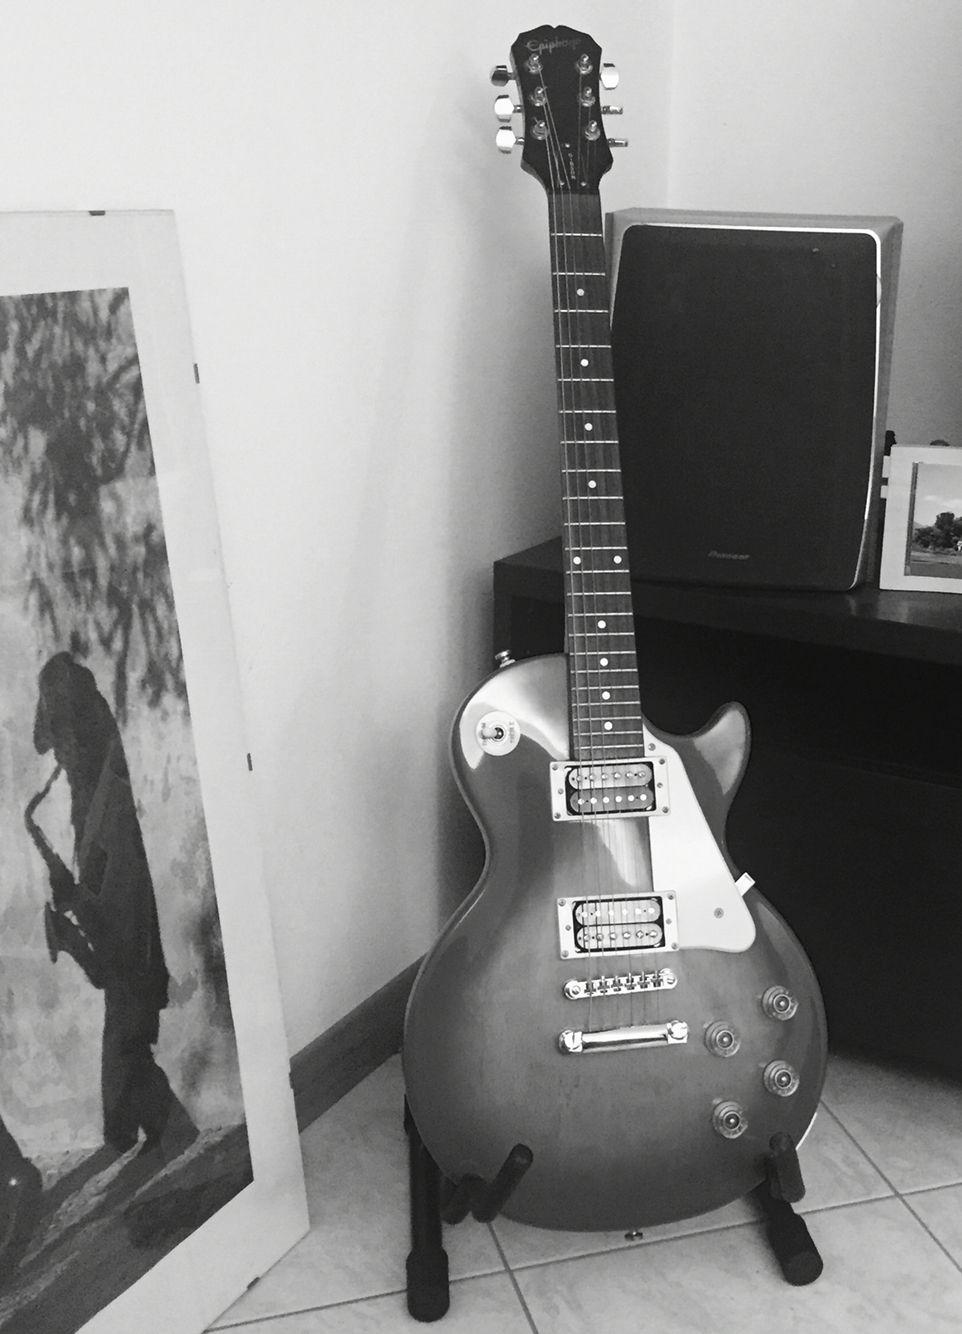 La chitarra, comunica sempre, che venga suonata o che venga appoggiata da qualche parte dice sempre qualcosa sul proprietario, rileva una piccola parte della sua anima... Di ciò che è...